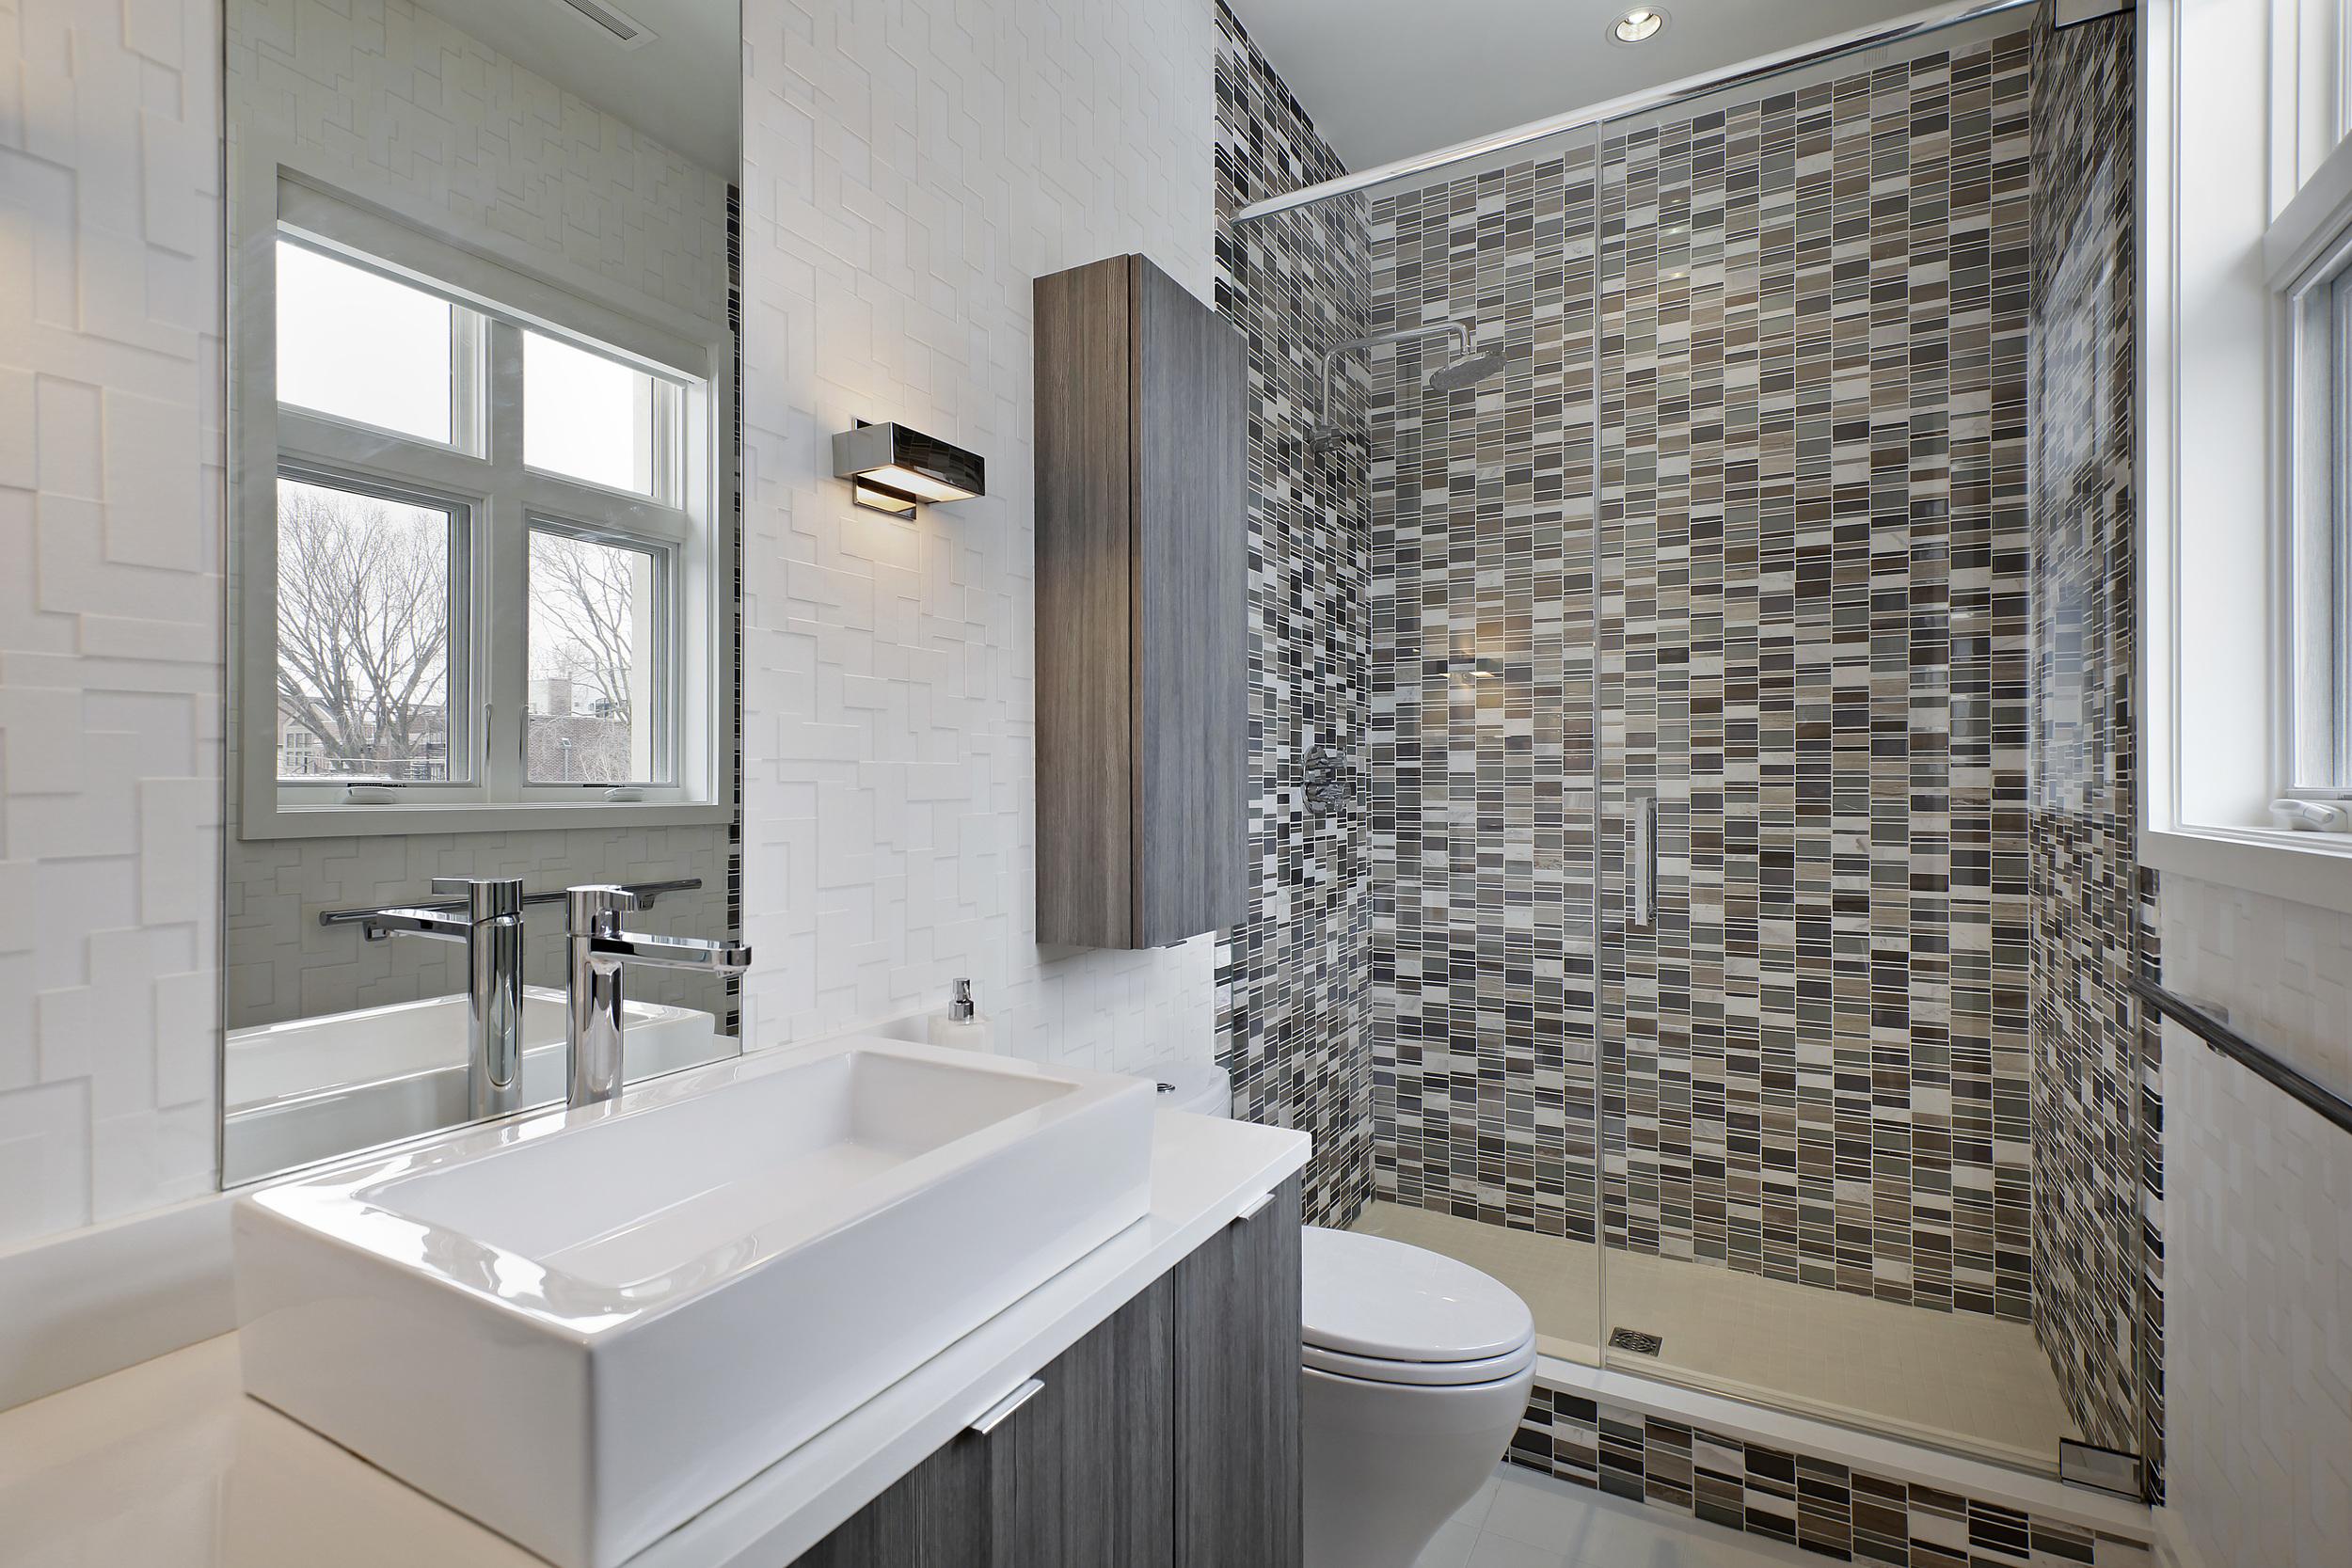 bathroom1_2715nlakewood.jpg